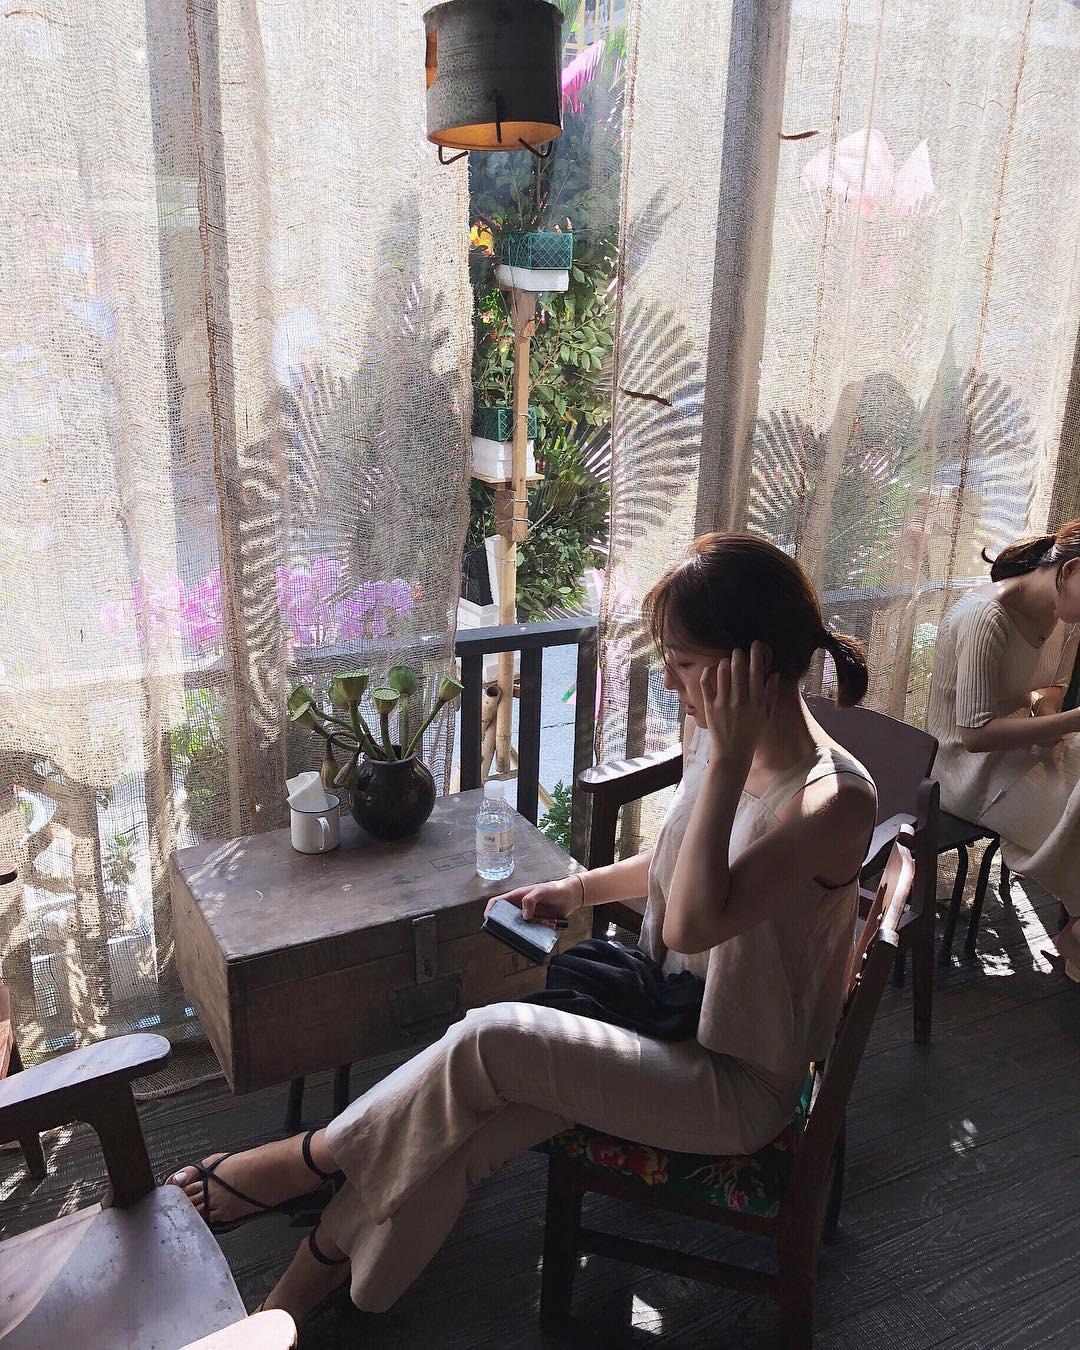 Trai xinh gái đẹp Seoul nô nức check-in tại quán Cộng cà phê đầu tiên ở Hàn Quốc - Ảnh 2.